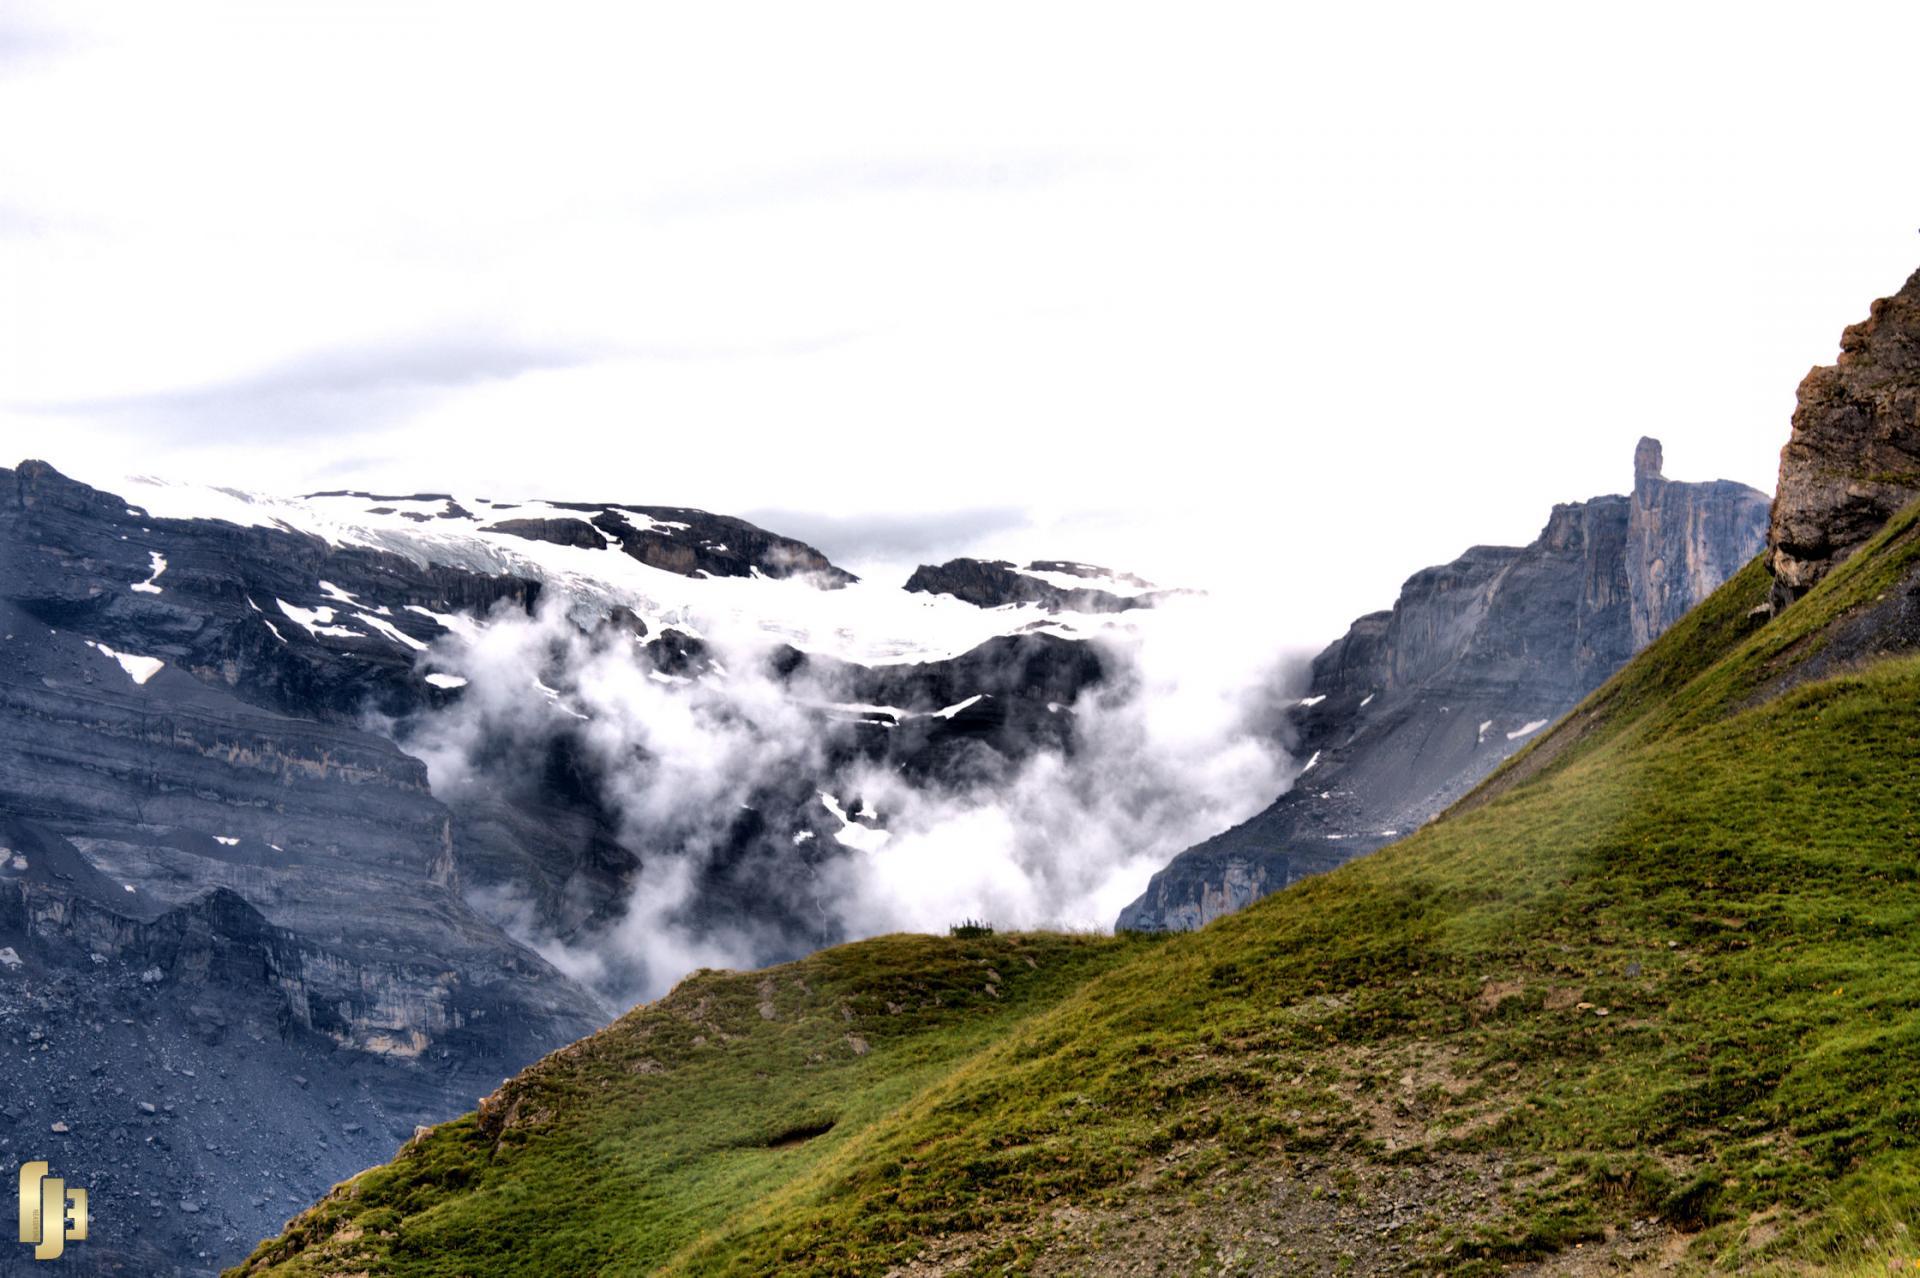 Avalanche de brume sur le glacier des Diablerets